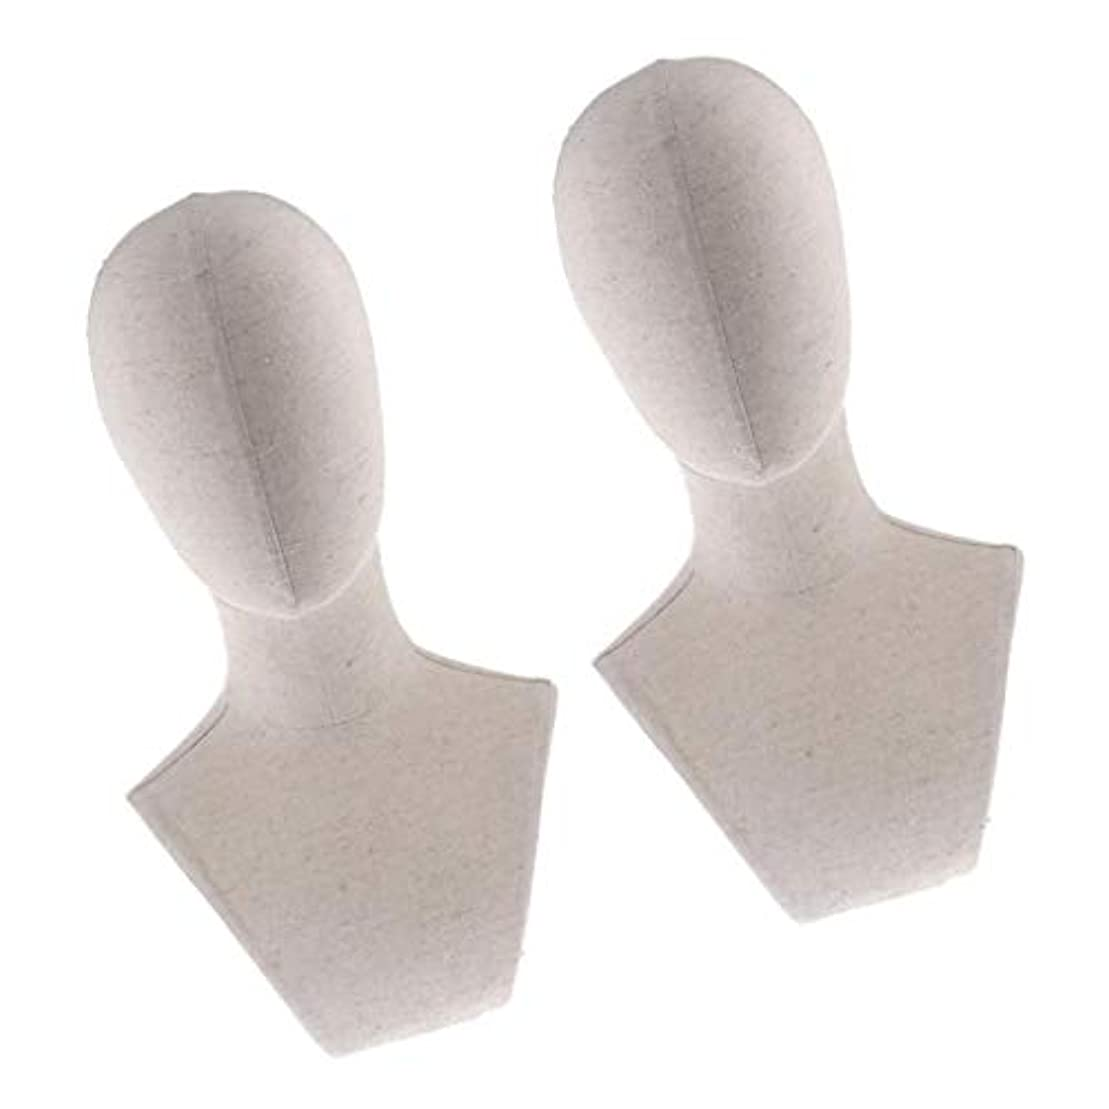 衝動映画進化するDYNWAVE プラスチック マネキン ヘッド トルソー 頭 カット練習 頭部 女性 ウィッグマネキン ウィッグスタンド2個